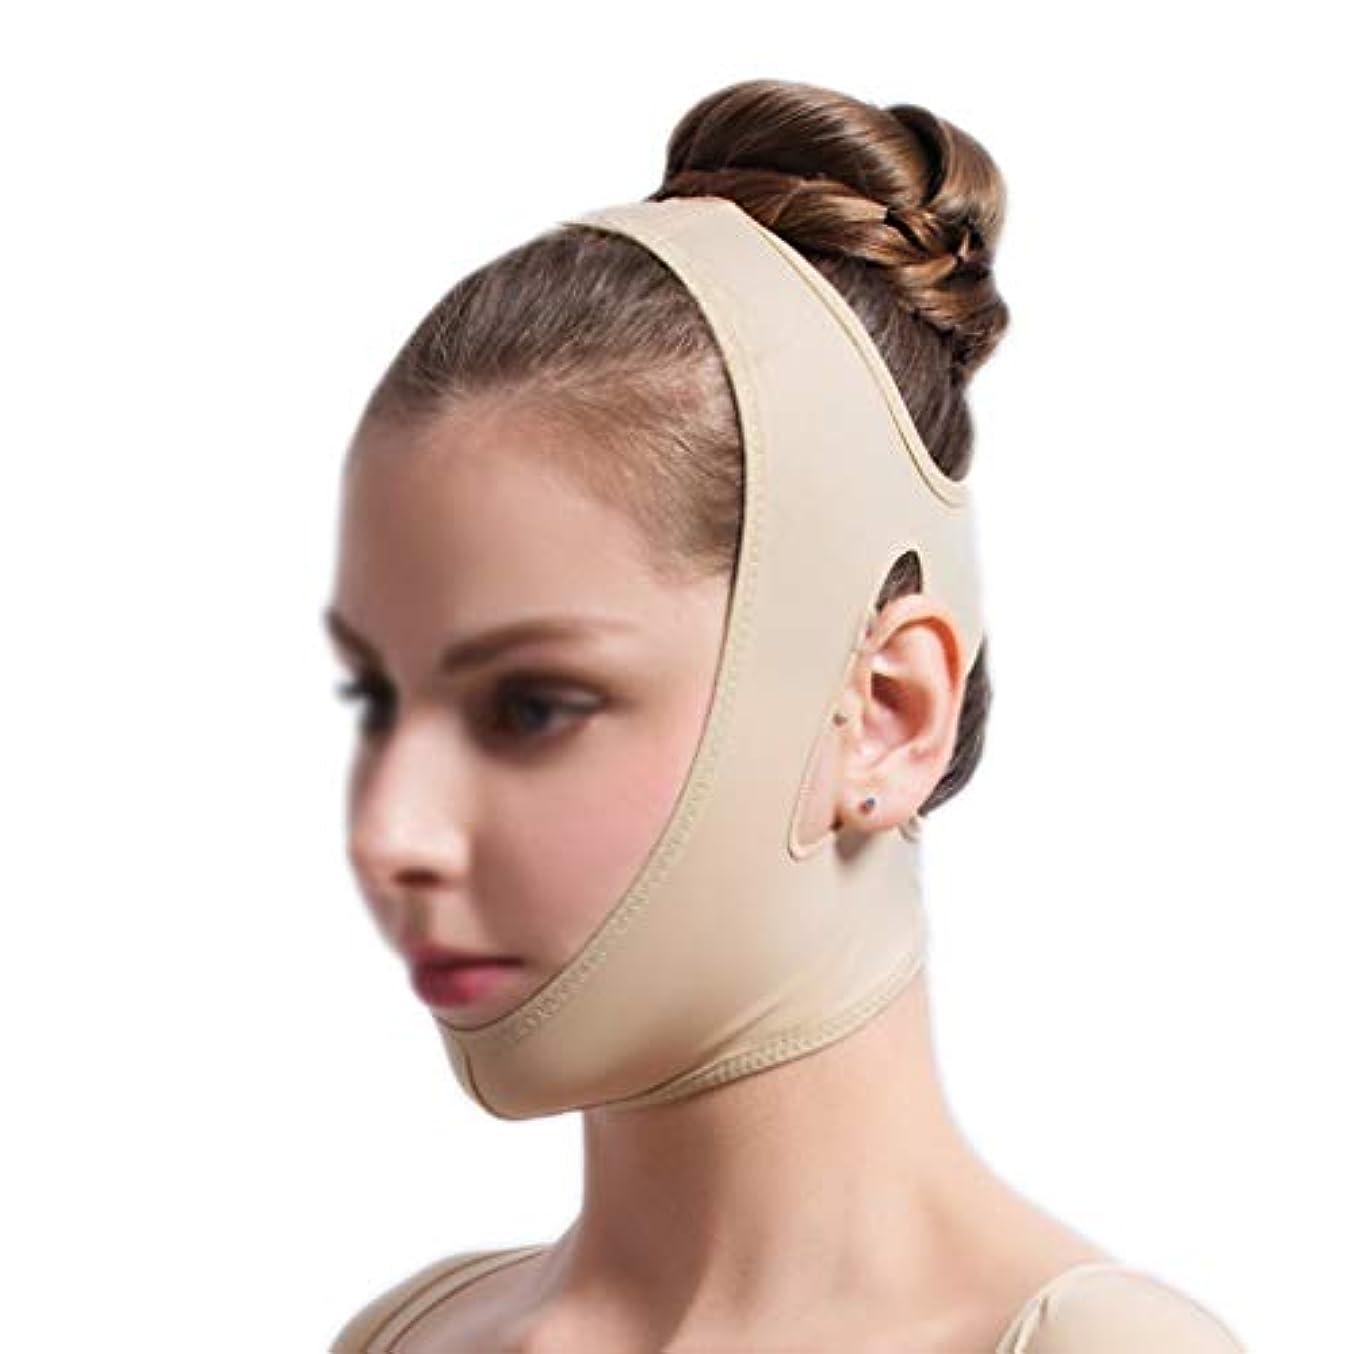 悪意のあるあらゆる種類の離婚フェイスリフティング包帯、フェイシャル減量マスク、フェイシャルリフティング痩身ベルト、痩身頬マスク (Size : L)